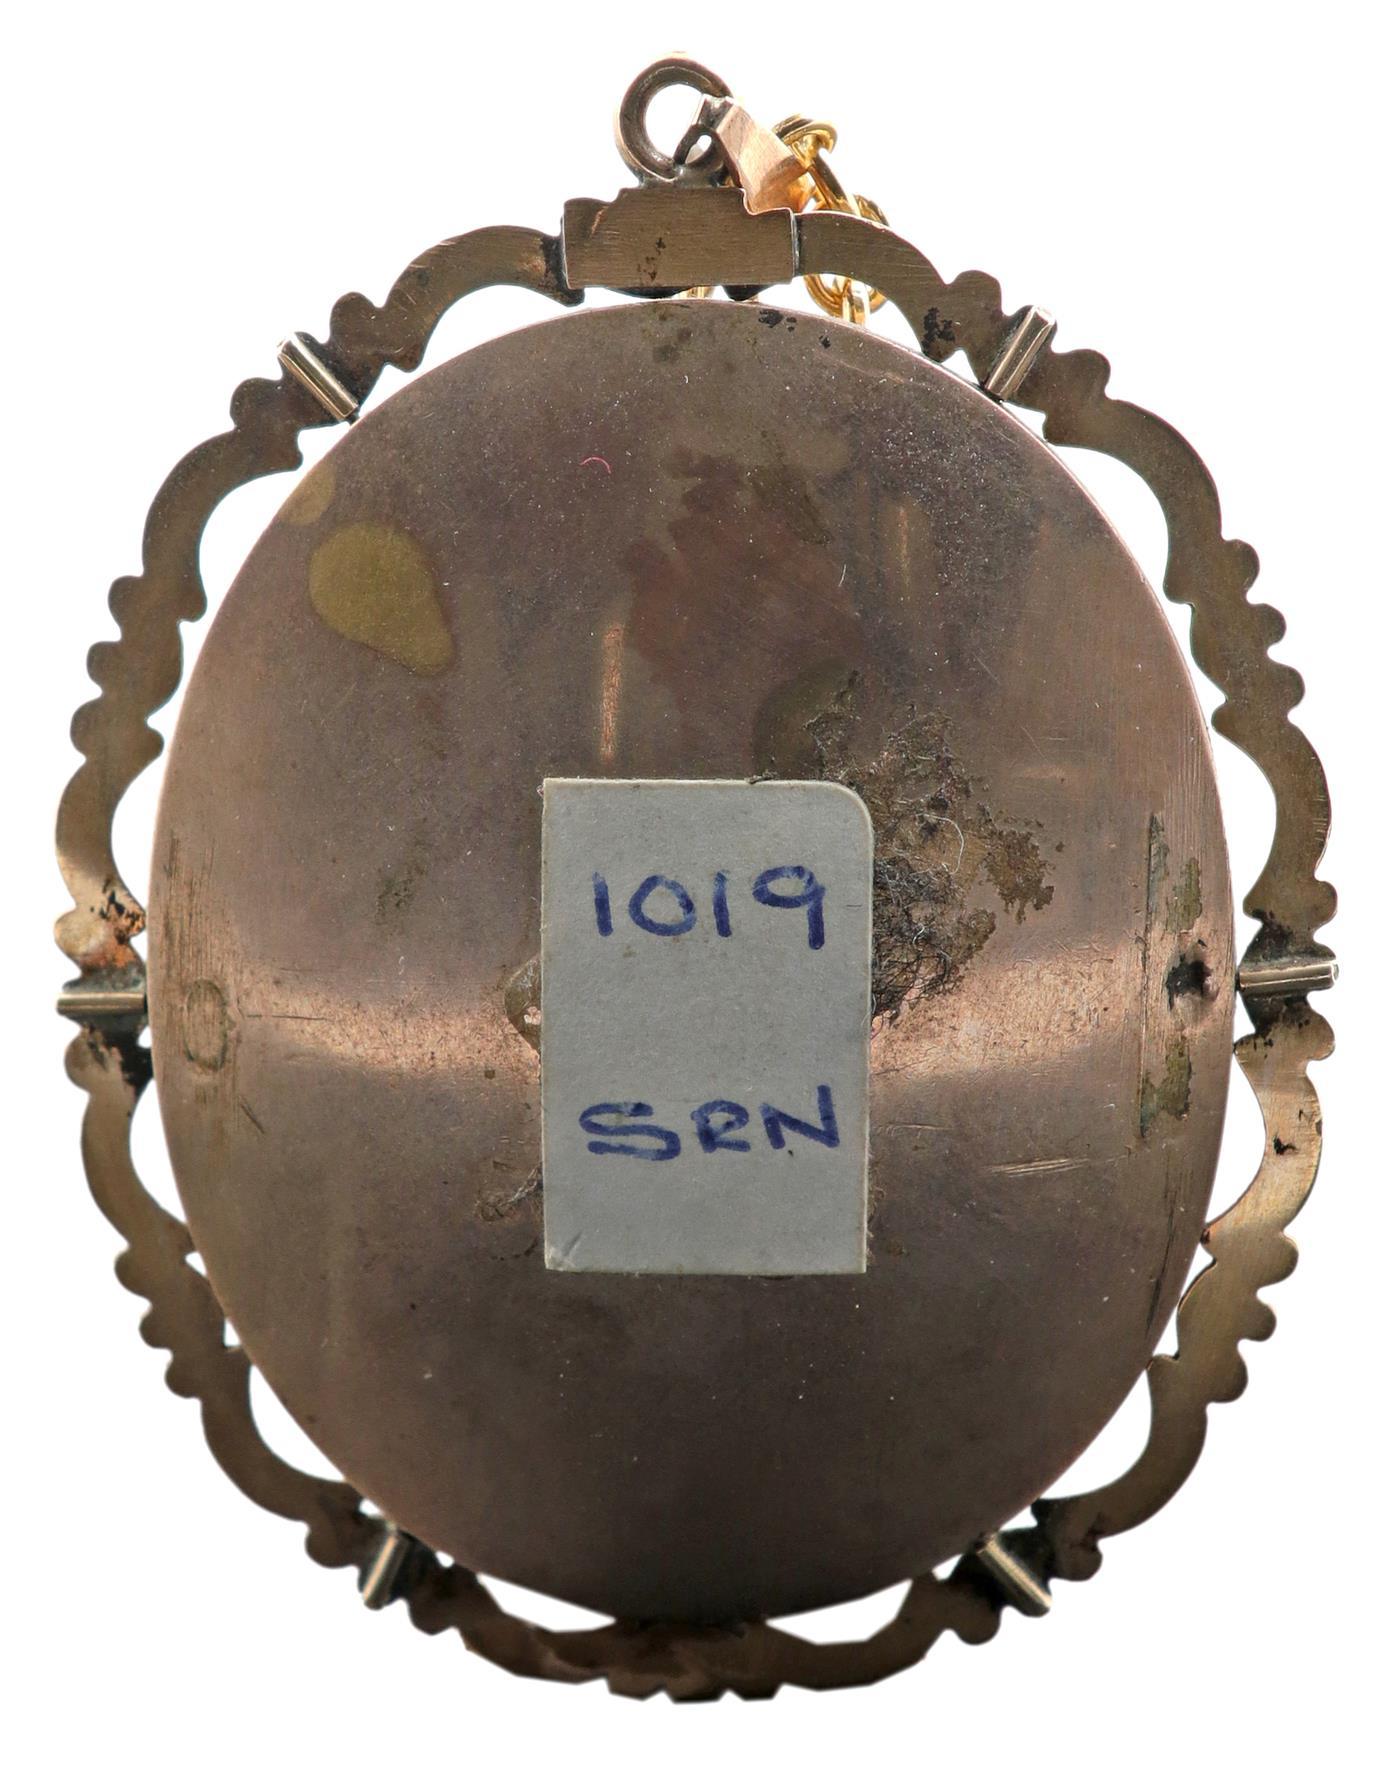 λFollower of William Egley Portrait miniature of a lady, wearing a brown dress with a gold brooch - Image 3 of 3